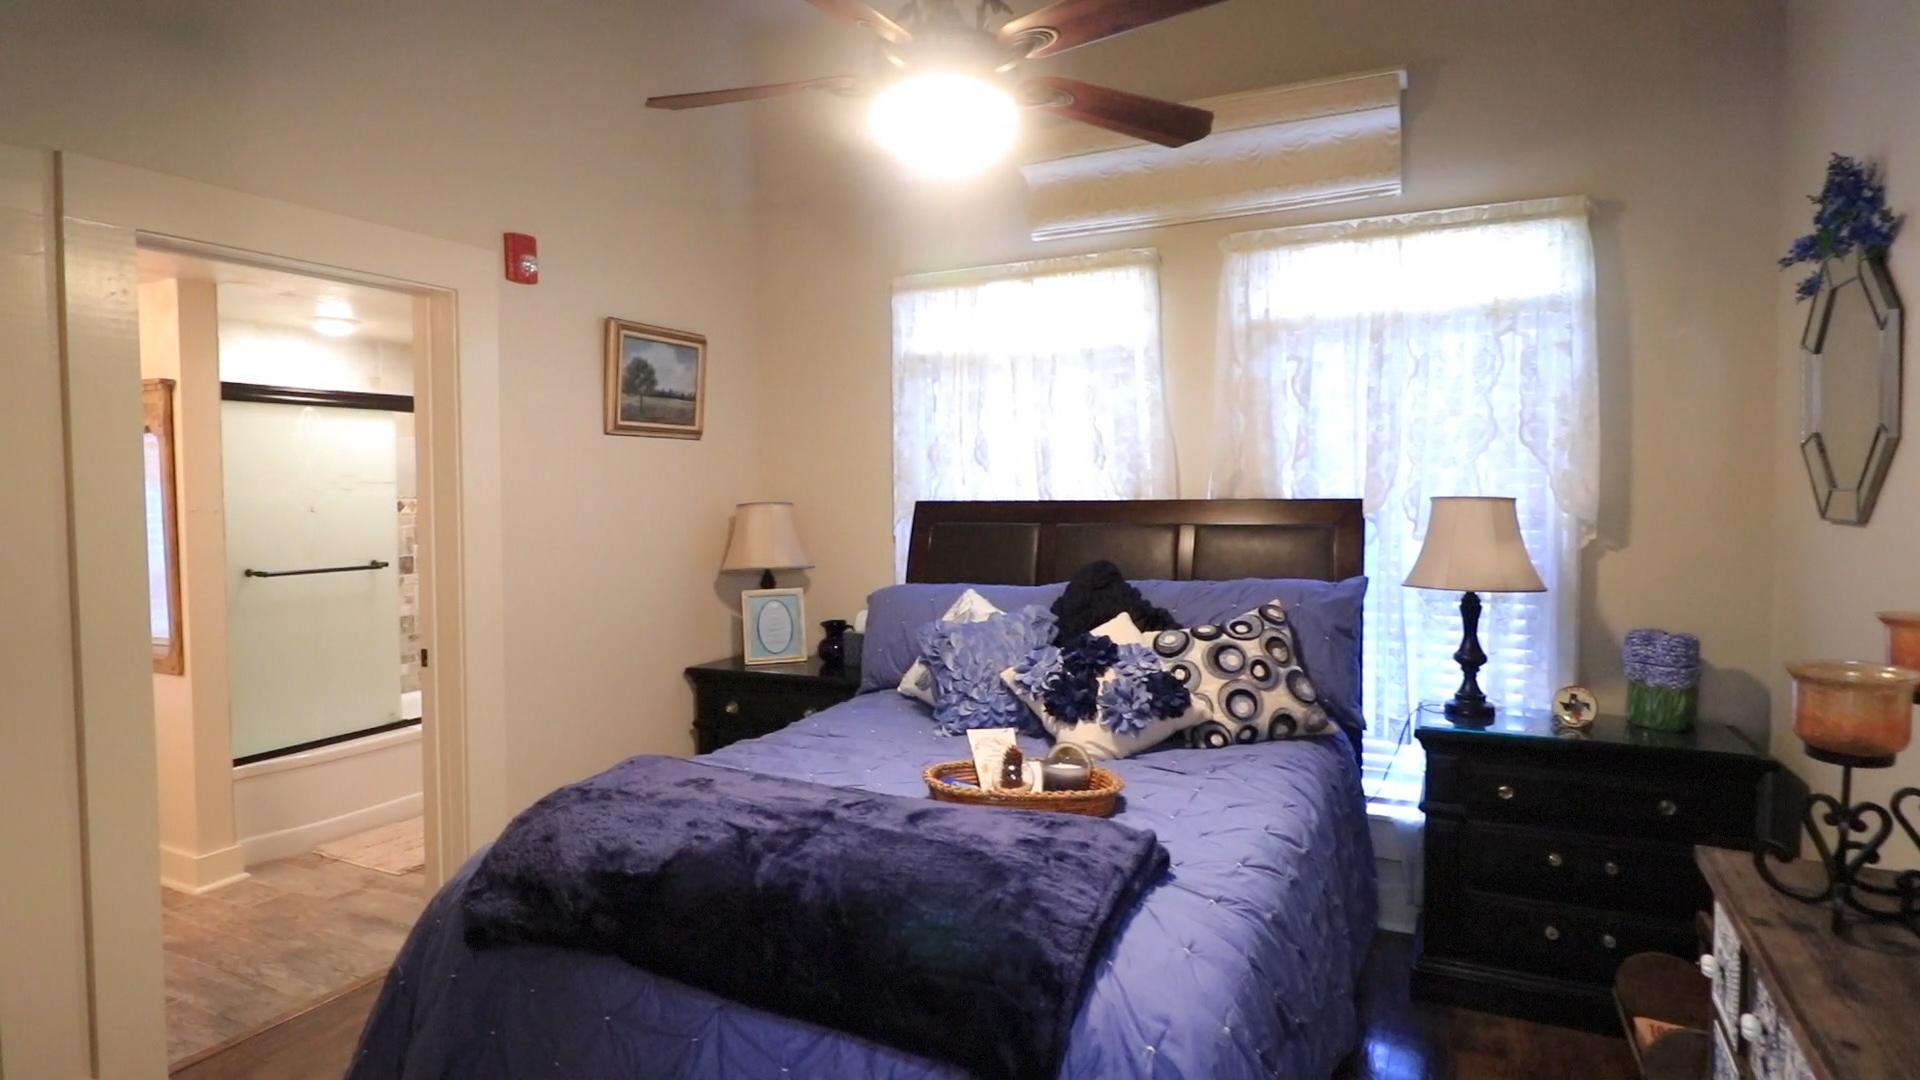 full view of room.jpg